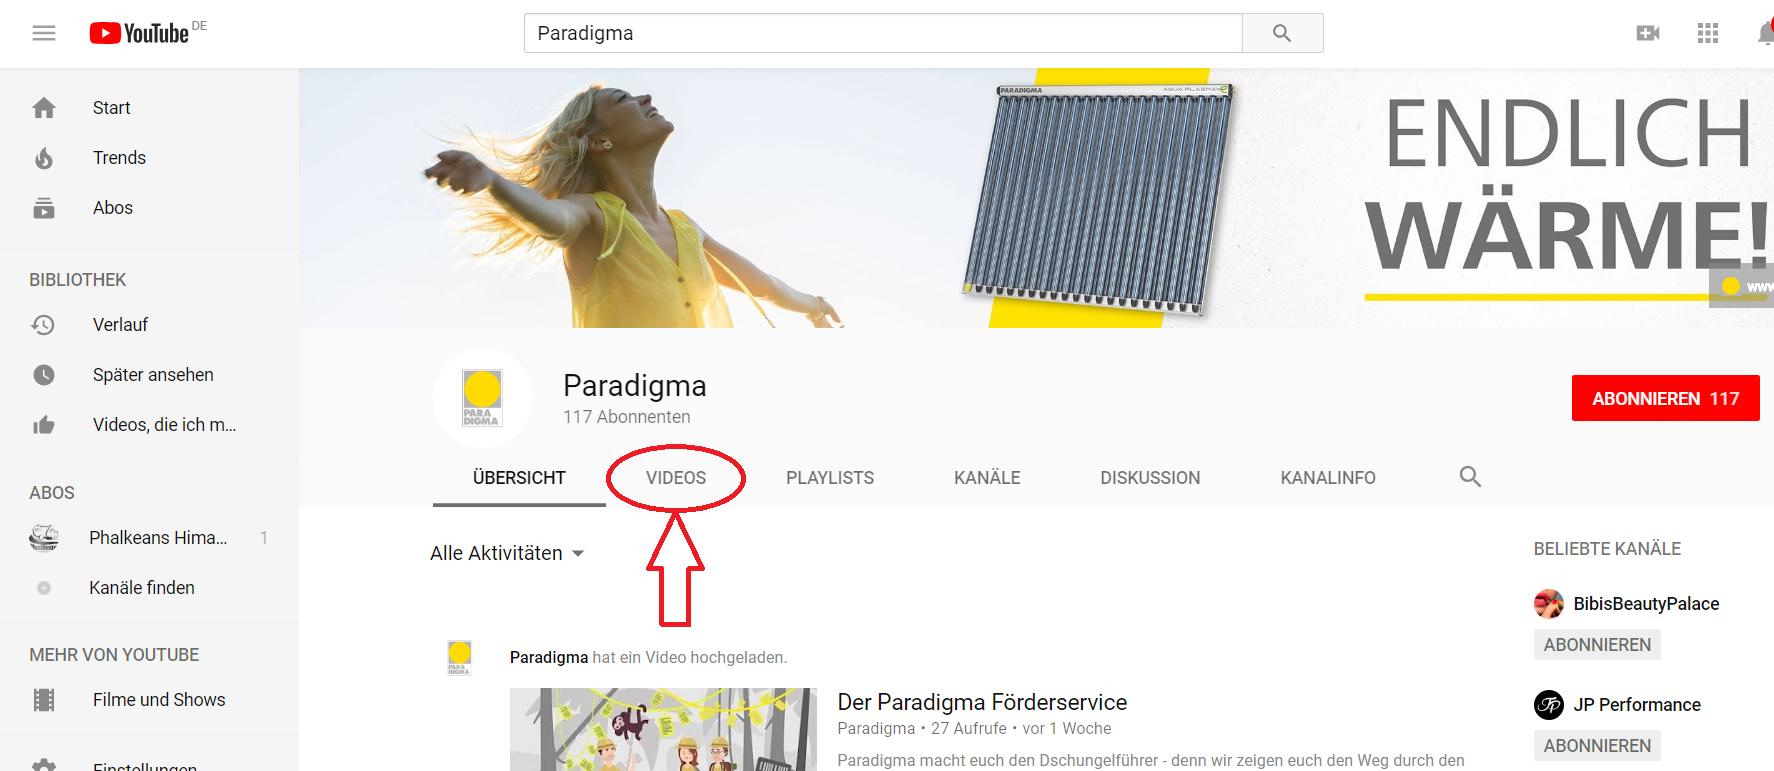 Youtube-Kanal von Paradigma_Suche auf Youtube_Paradigma_Kanal_Start_Videos anzeigen